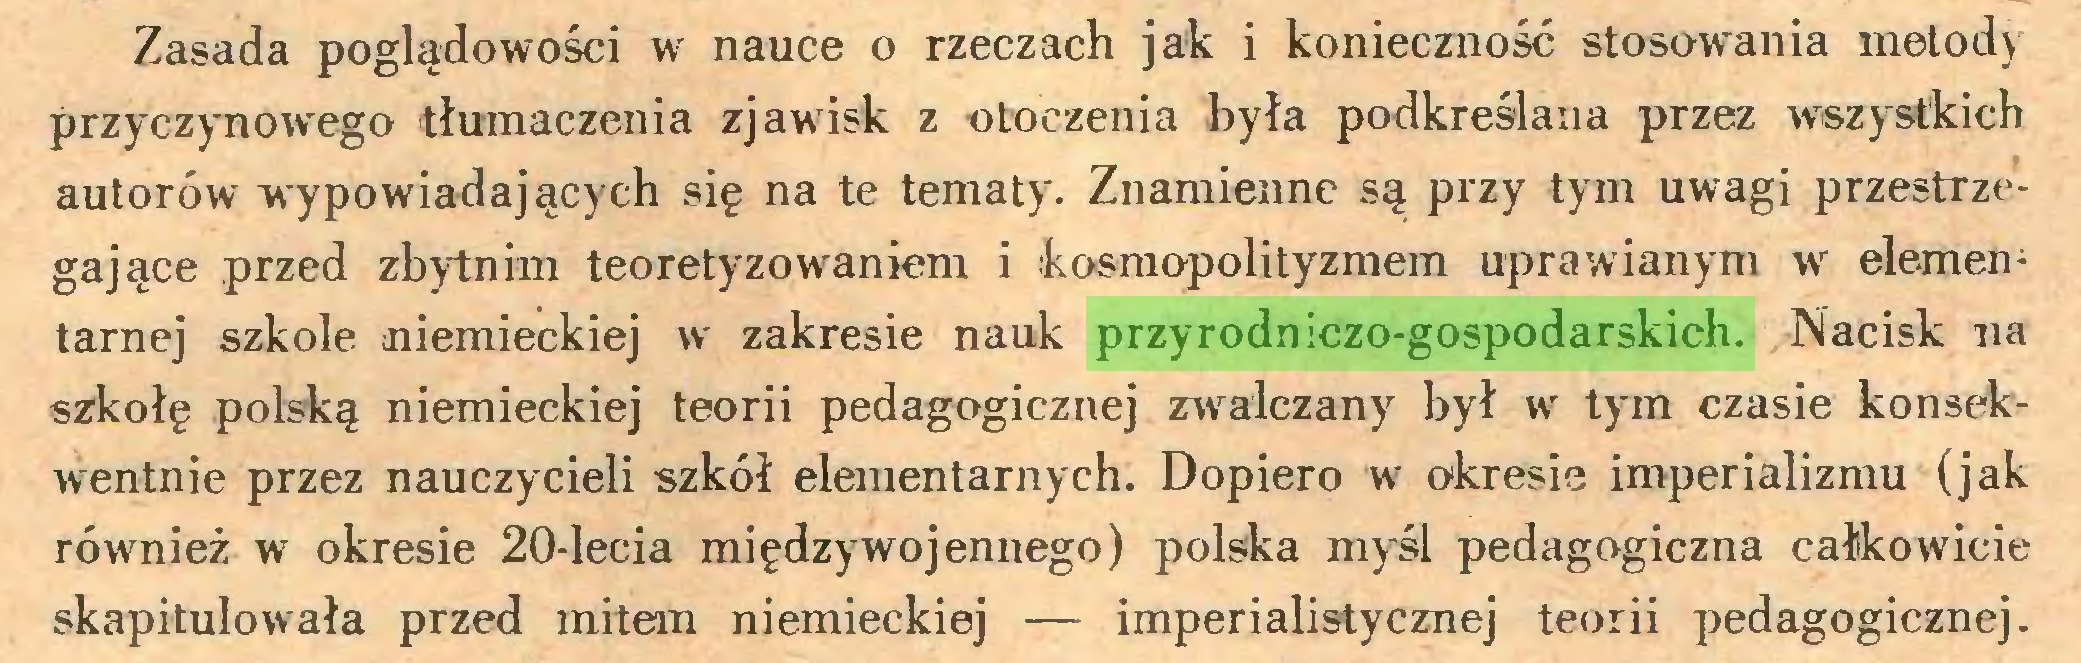 (...) Zasada poglądowości w nauce o rzeczach jak i konieczność stosowania metod) przyczynowego tłumaczenia zjawisk z otoczenia była podkreślana przez wszystkich autorów wypowiadających się na te tematy. Znamienne są przy tym uwagi przestrzegające przed zbytnim teoretyzowaniem i kosmopolityzmem uprawianym w elementarnej szkole niemieckiej w zakresie nauk przyrodniczo-gospodarskich. Nacisk na szkołę polską niemieckiej teorii pedagogicznej zwalczany był w tym czasie konsekwentnie przez nauczycieli szkół elementarnych. Dopiero w okresie imperializmu (jak również w okresie 20-lecia międzywojennego) polska myśl pedagogiczna całkowicie skapitulowała przed mitem niemieckiej — imperialistycznej teorii pedagogicznej...